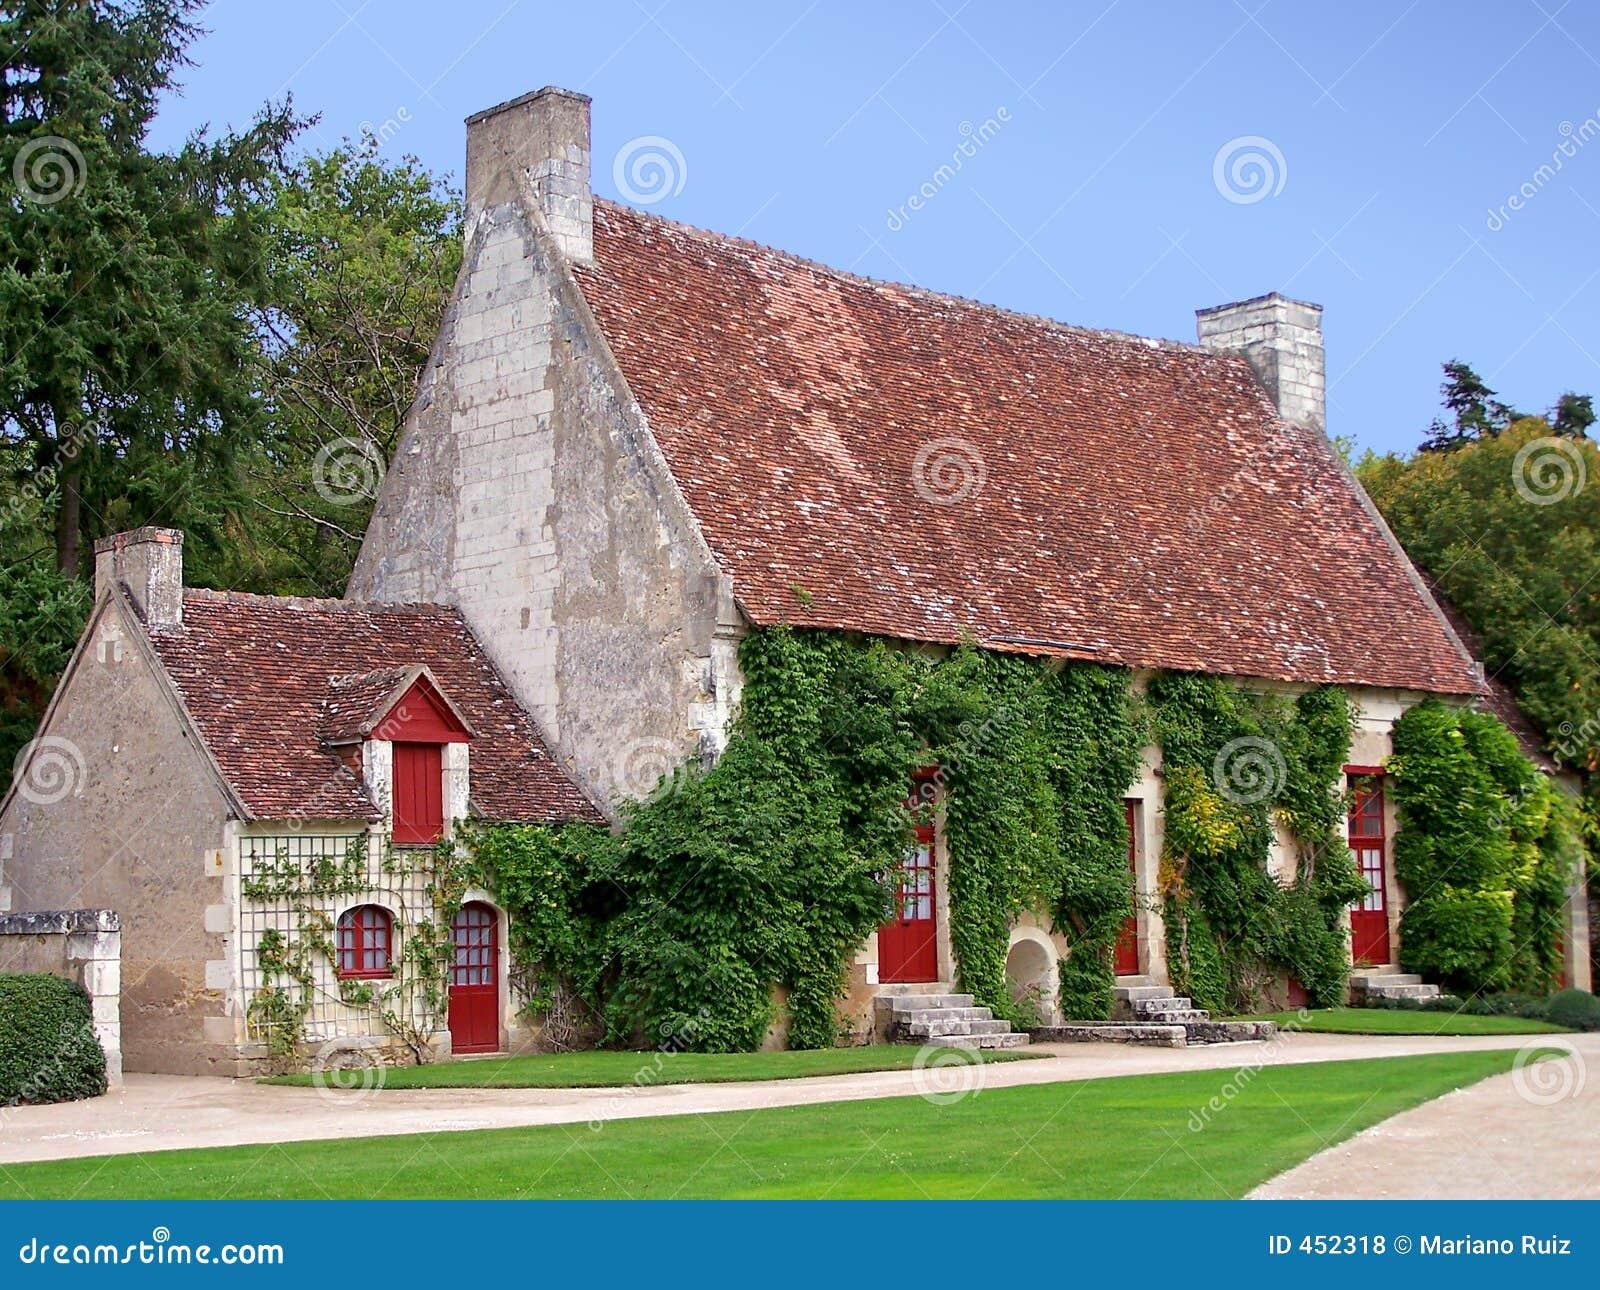 franz sisches landhaus lizenzfreie stockfotos bild 452318. Black Bedroom Furniture Sets. Home Design Ideas